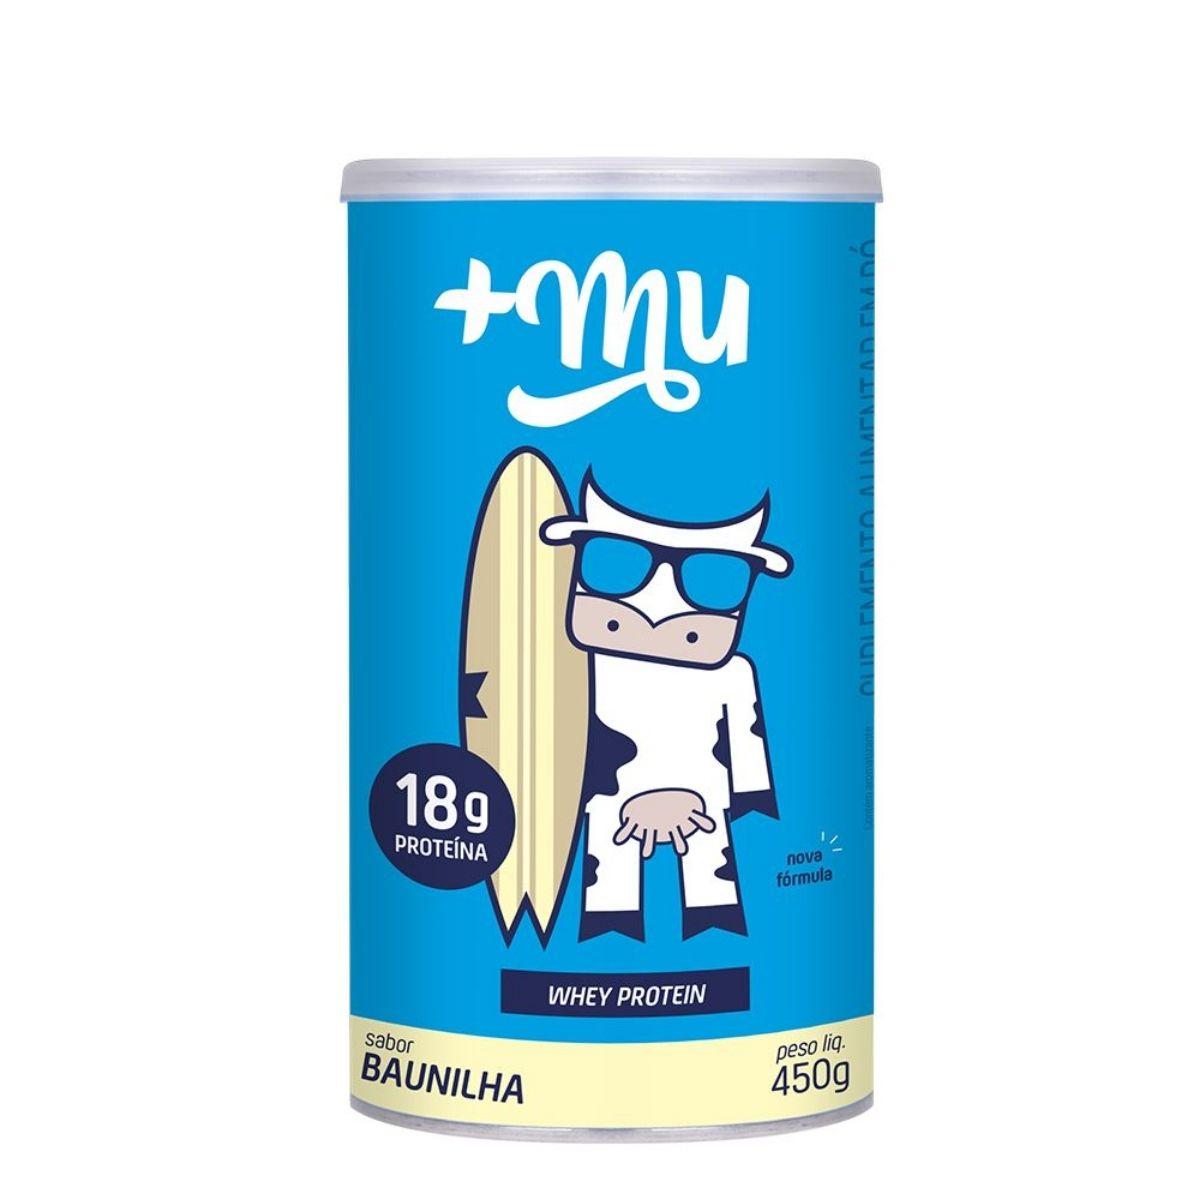 Whey Protein Concentrado Baunilha Proteína 450g - Mais Mu